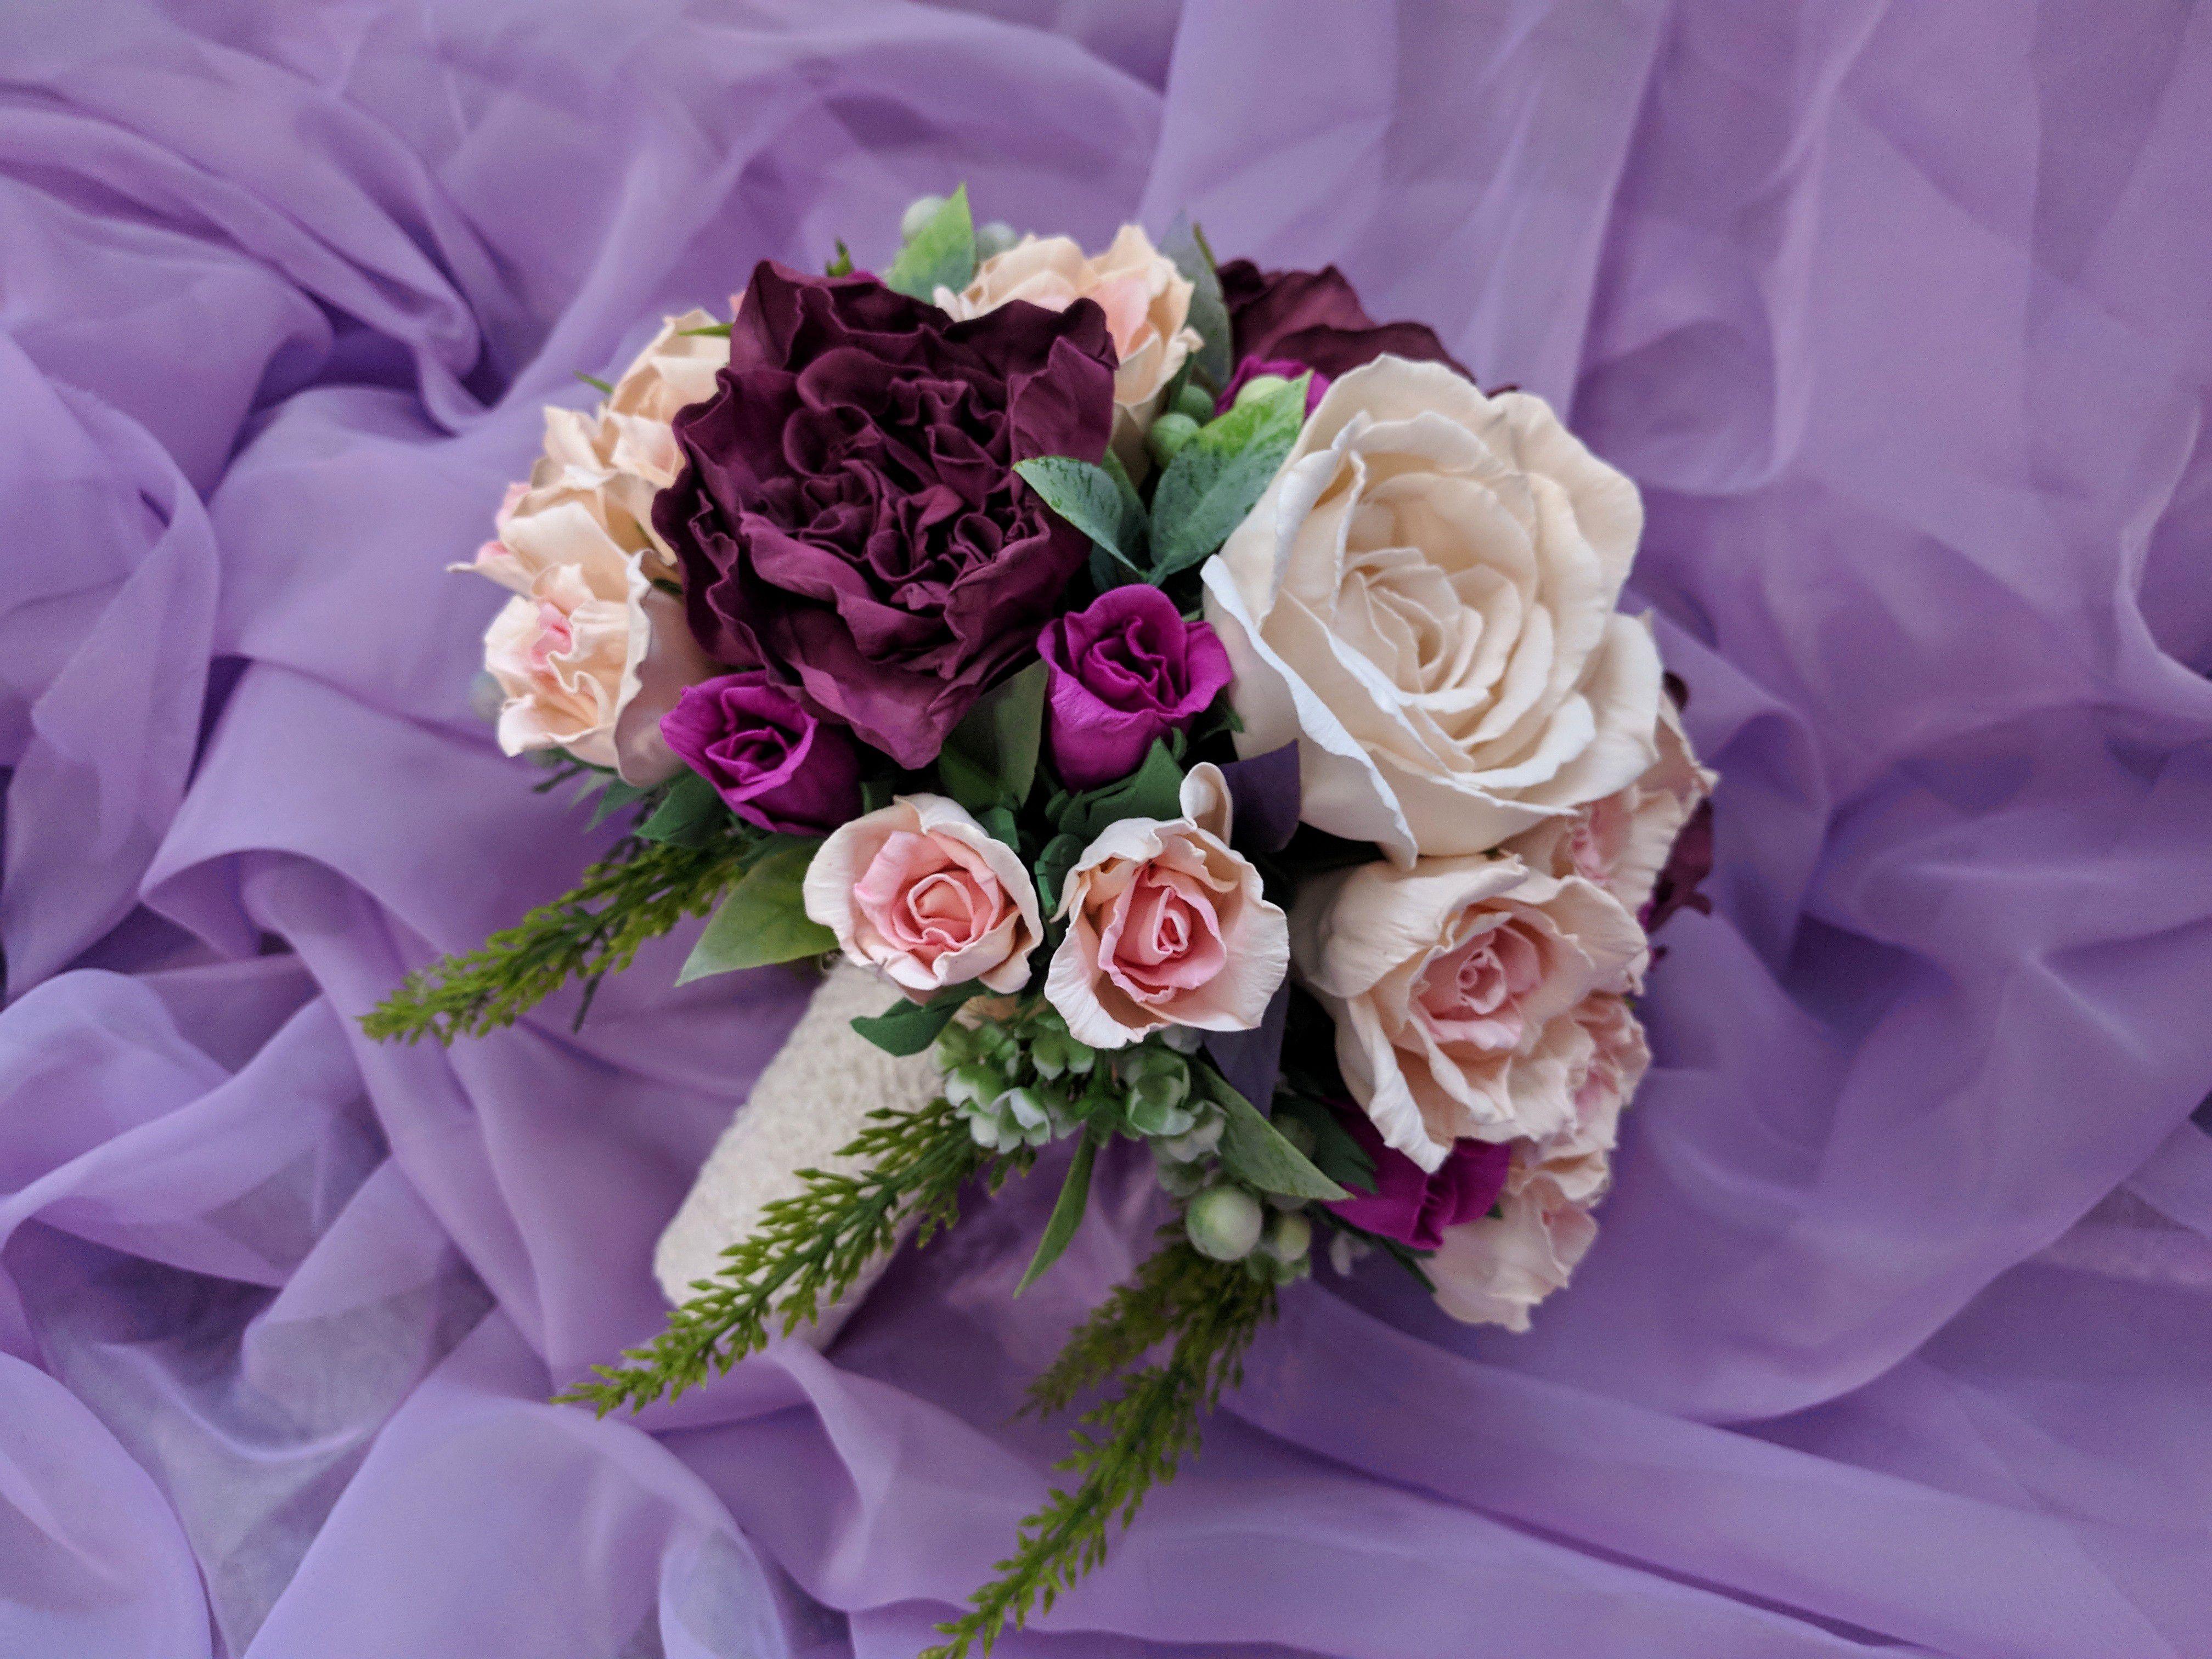 свадьба букетцветов невеста фоамиран букетневесты